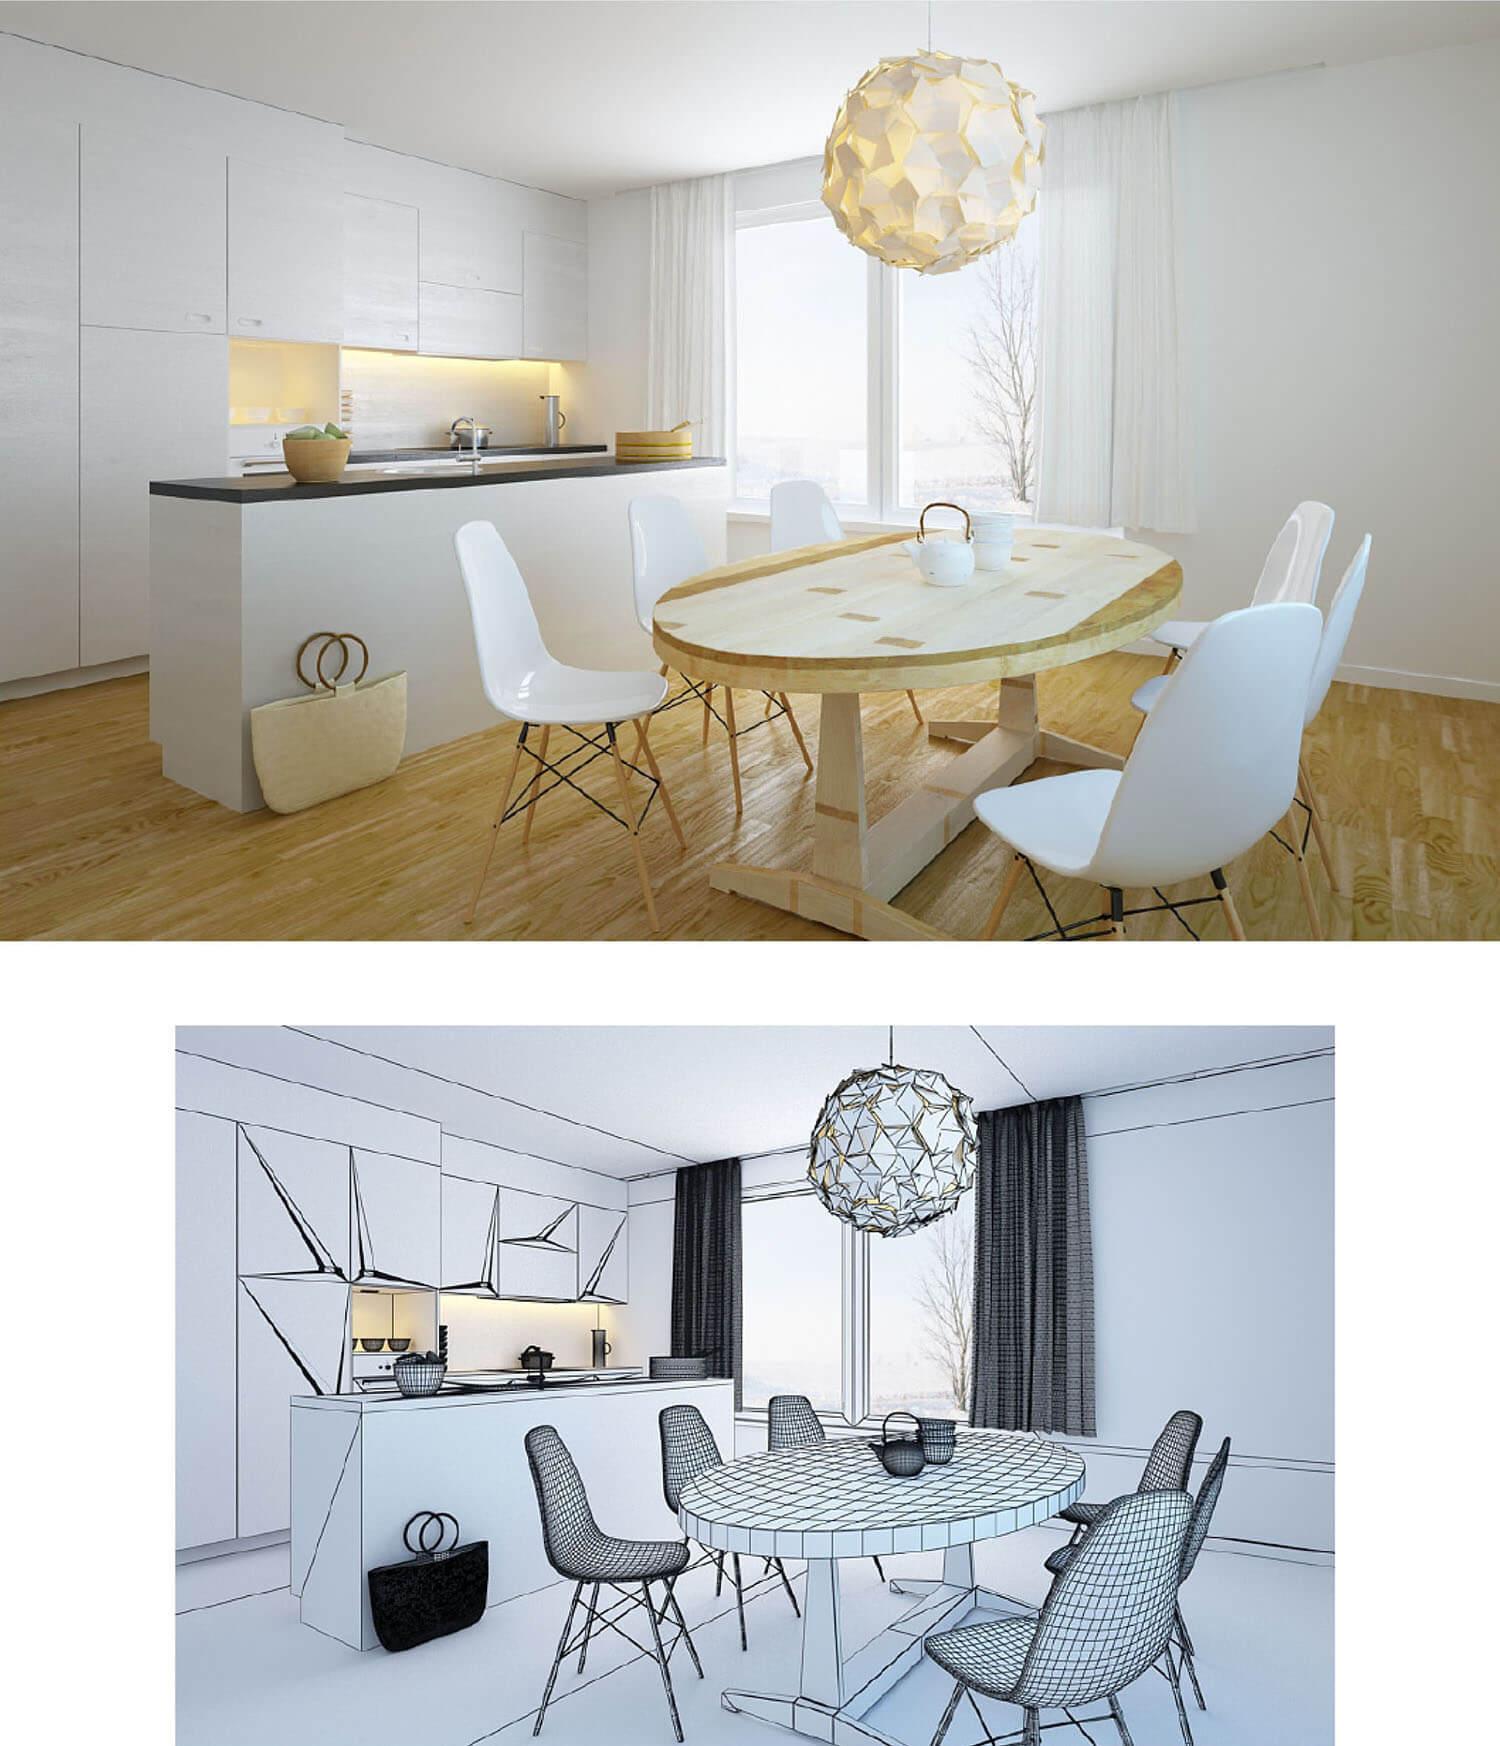 Không gian phòng bếp màu trắng độc đáo với đèn trần nghệ thuật